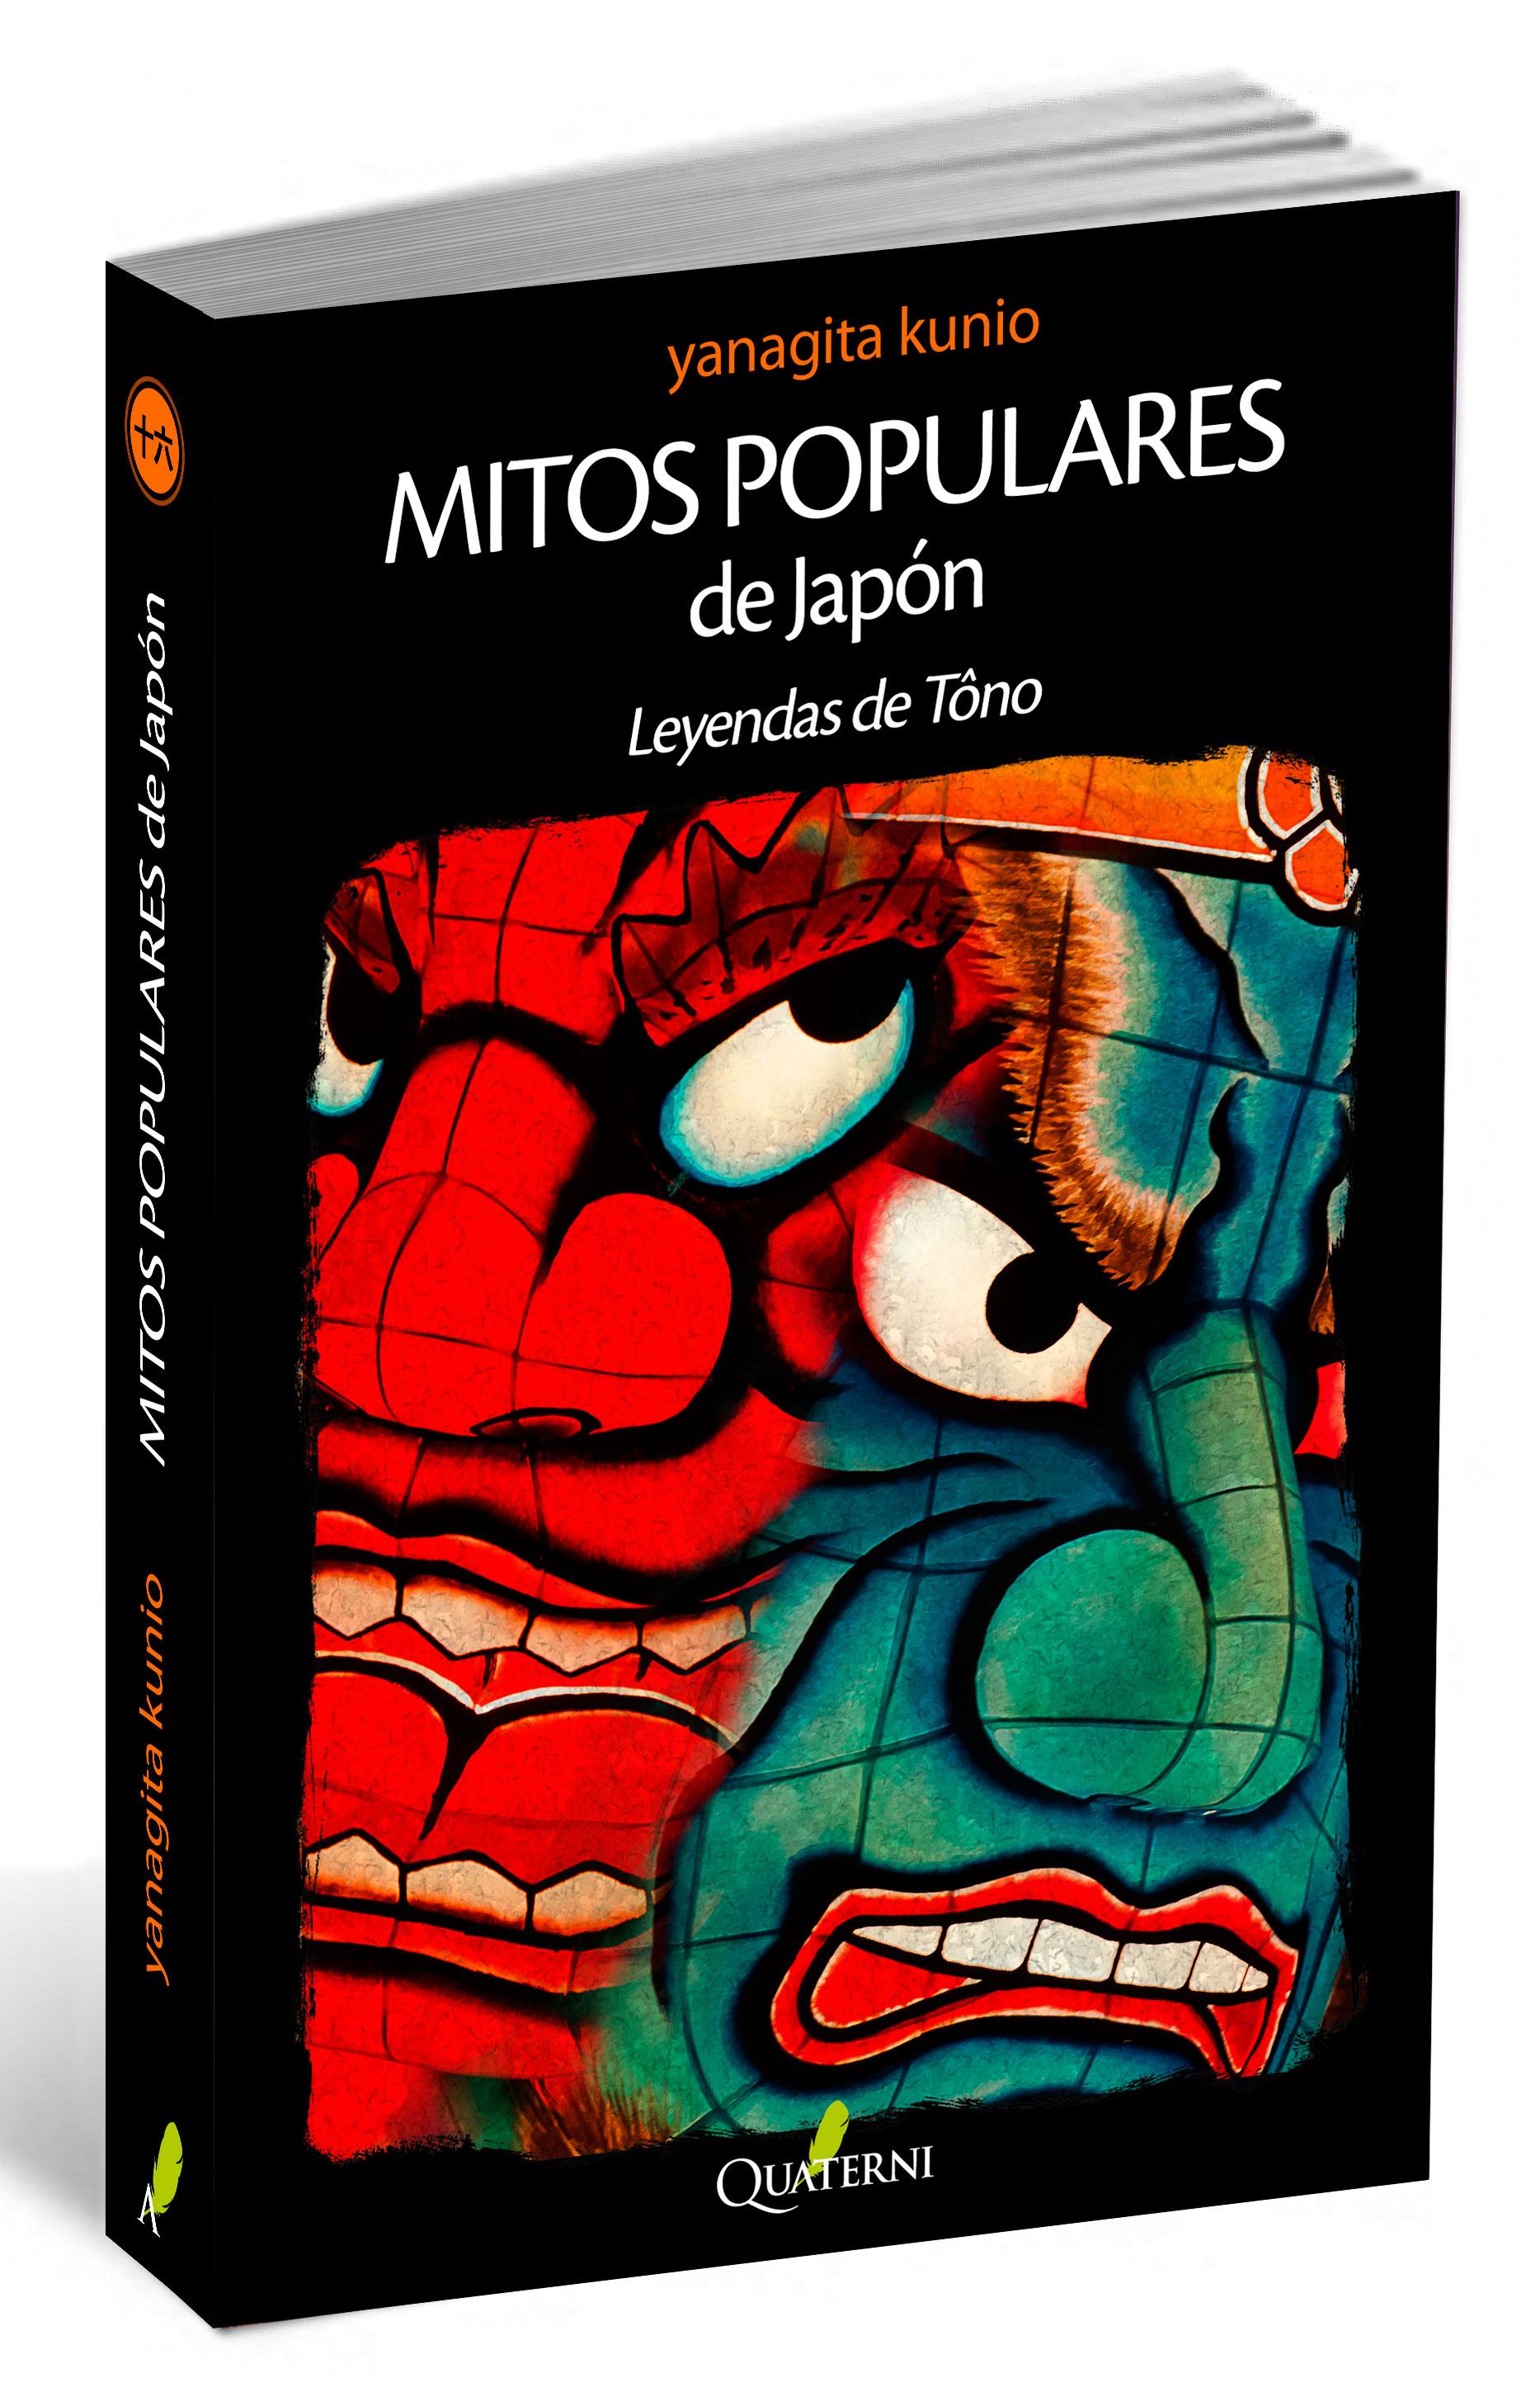 mitos populares de japon